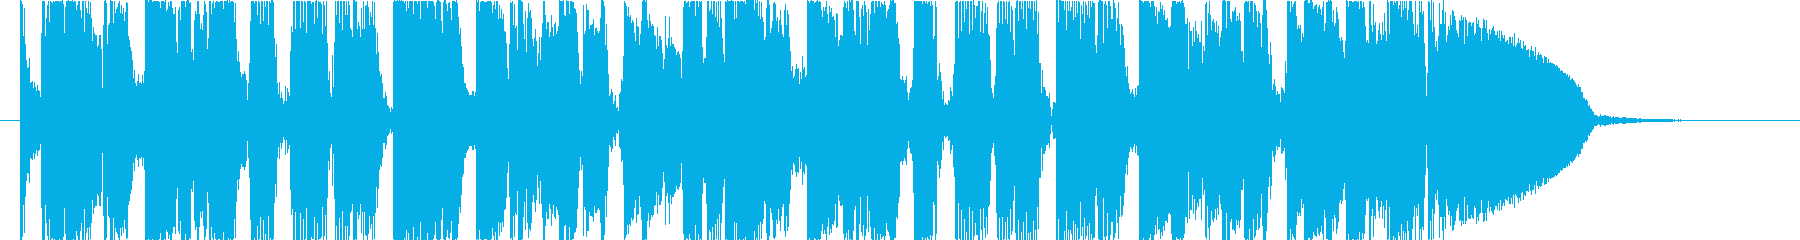 ド迫力生ベース&ドラムのシンプルサウンドの再生済みの波形